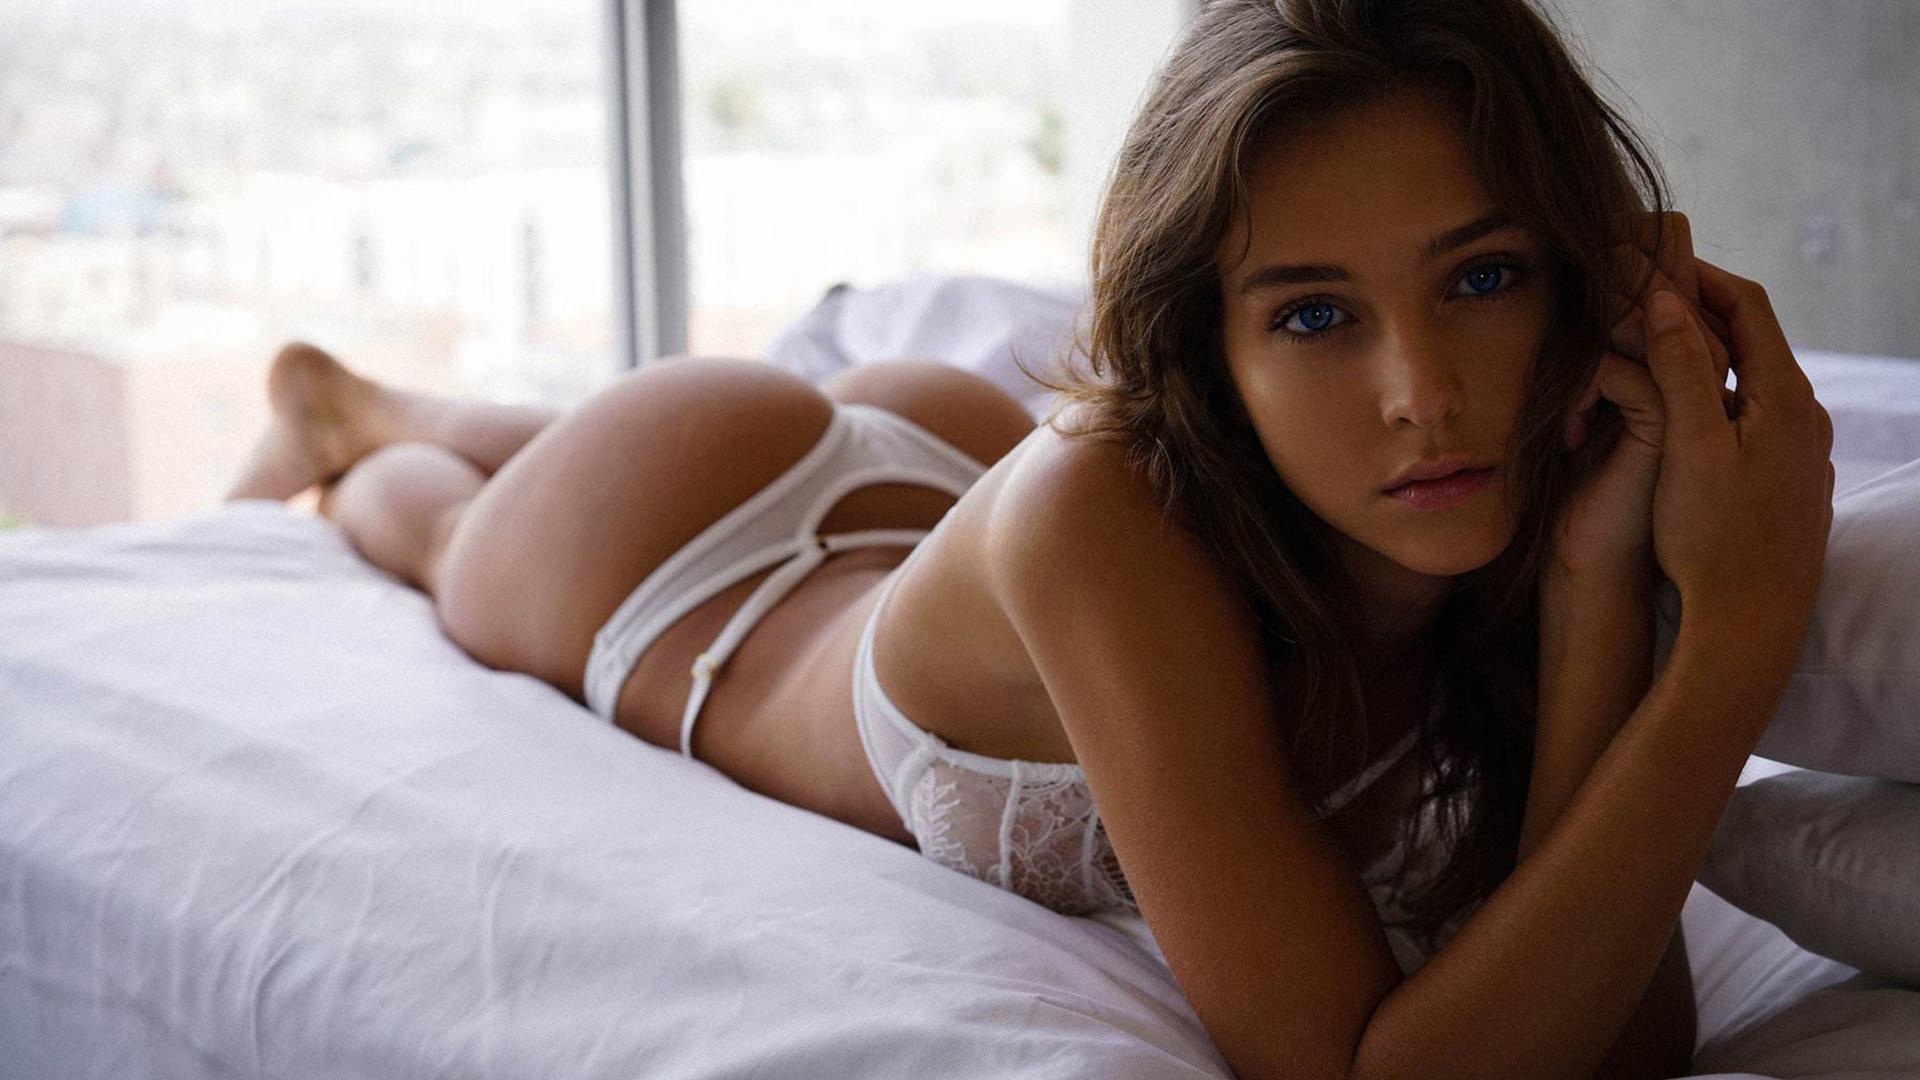 Petite brunette nudes